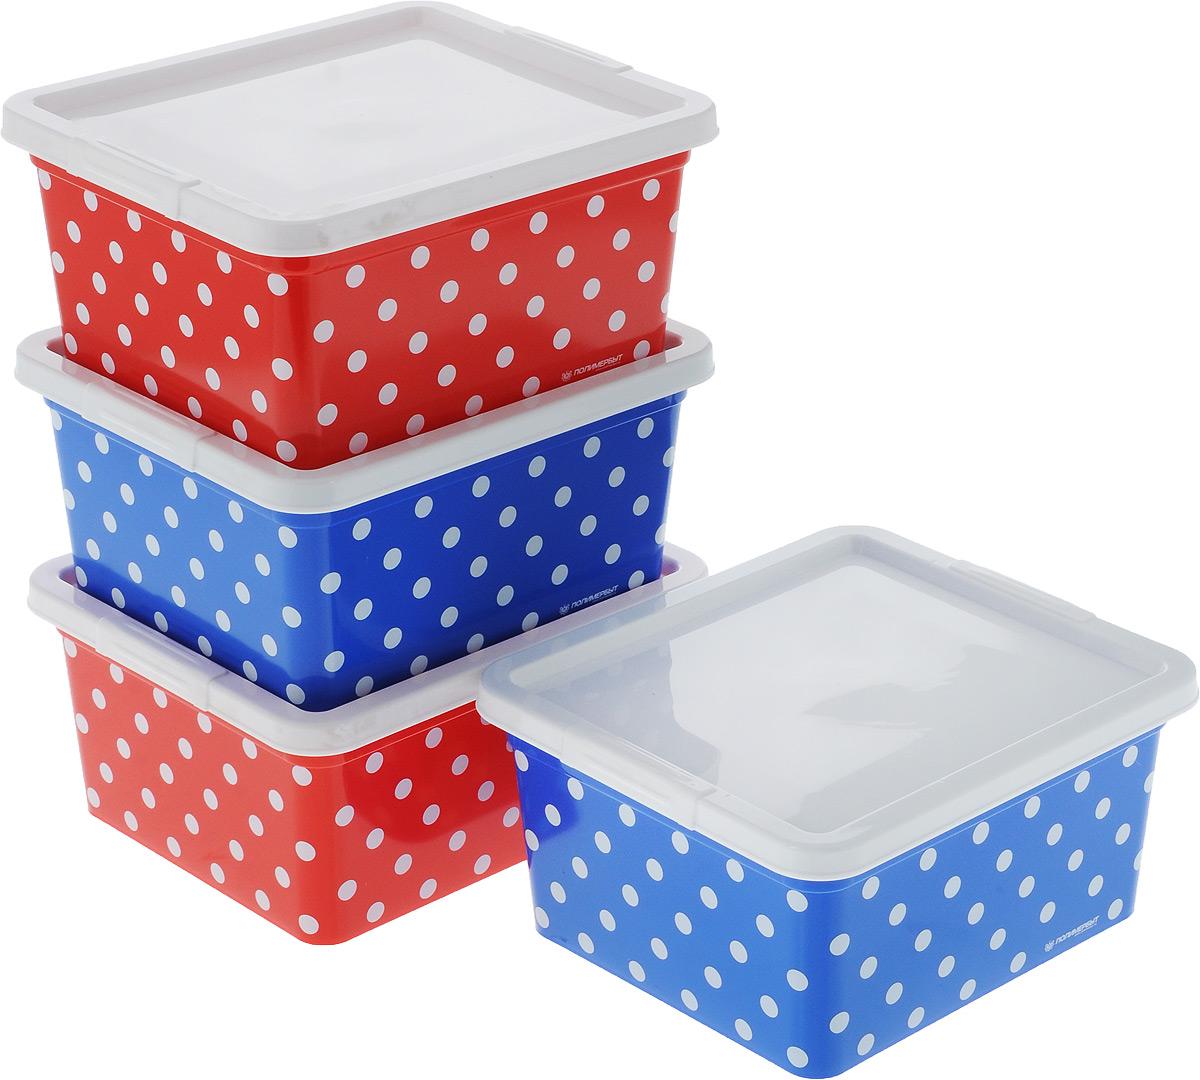 Набор контейнеров для хранения Полимербыт Горох, 4 шт. SGHPBKP69Брелок для ключейКомплект Полимербыт Горох состоит из четырех контейнеров для хранения различныхмелочей и принадлежностей. Изделия оформлены оригинальным принтом. Контейнеры оснащены крышками, которые плотно закрывают изделия. Объём контейнеров: 1,9 л. Размеры контейнера: 18 х 15,5 х 8,5 см